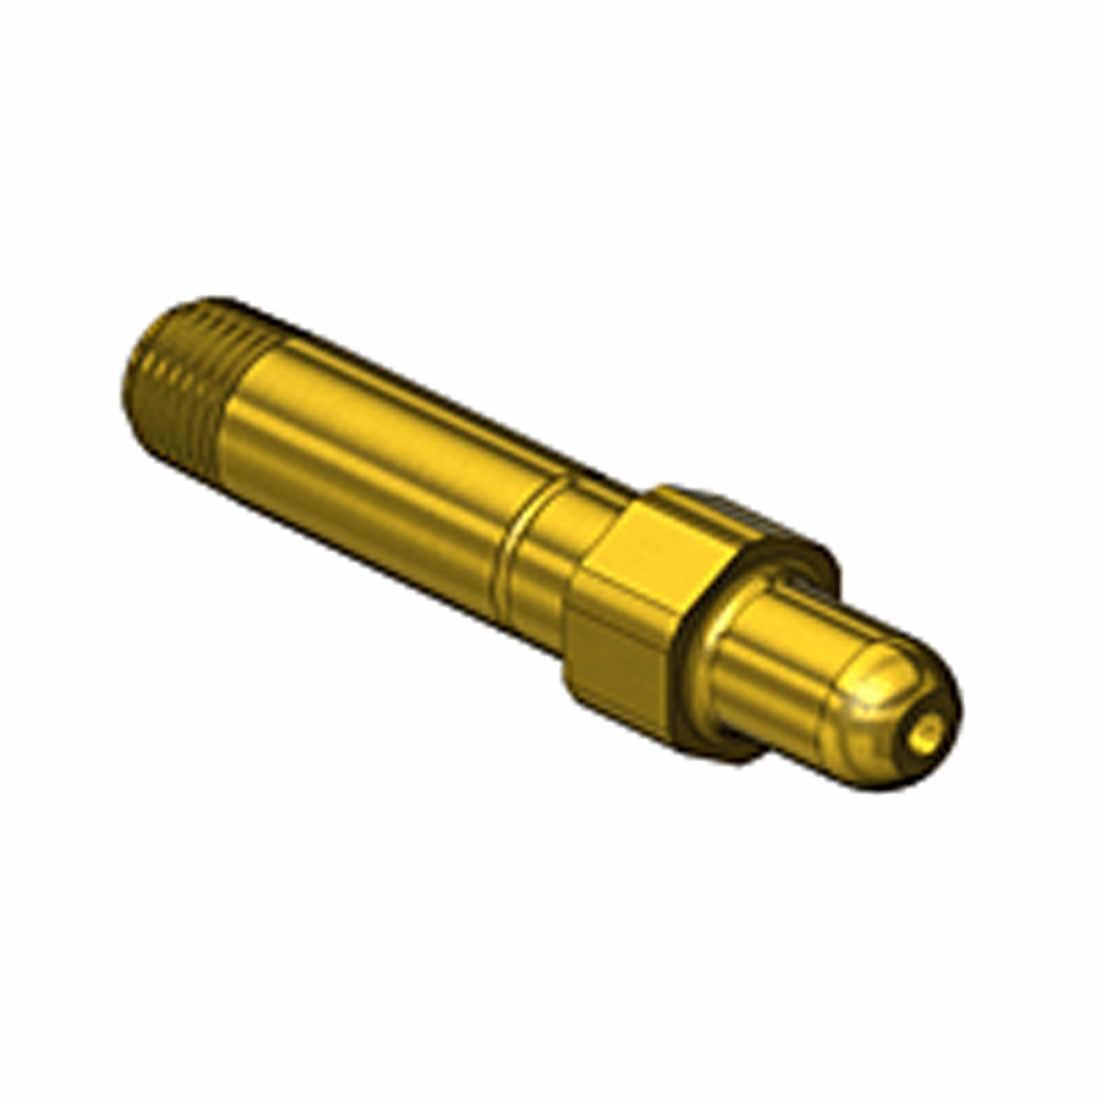 Nipple - 1/4 NPT 3 in. long - Brass